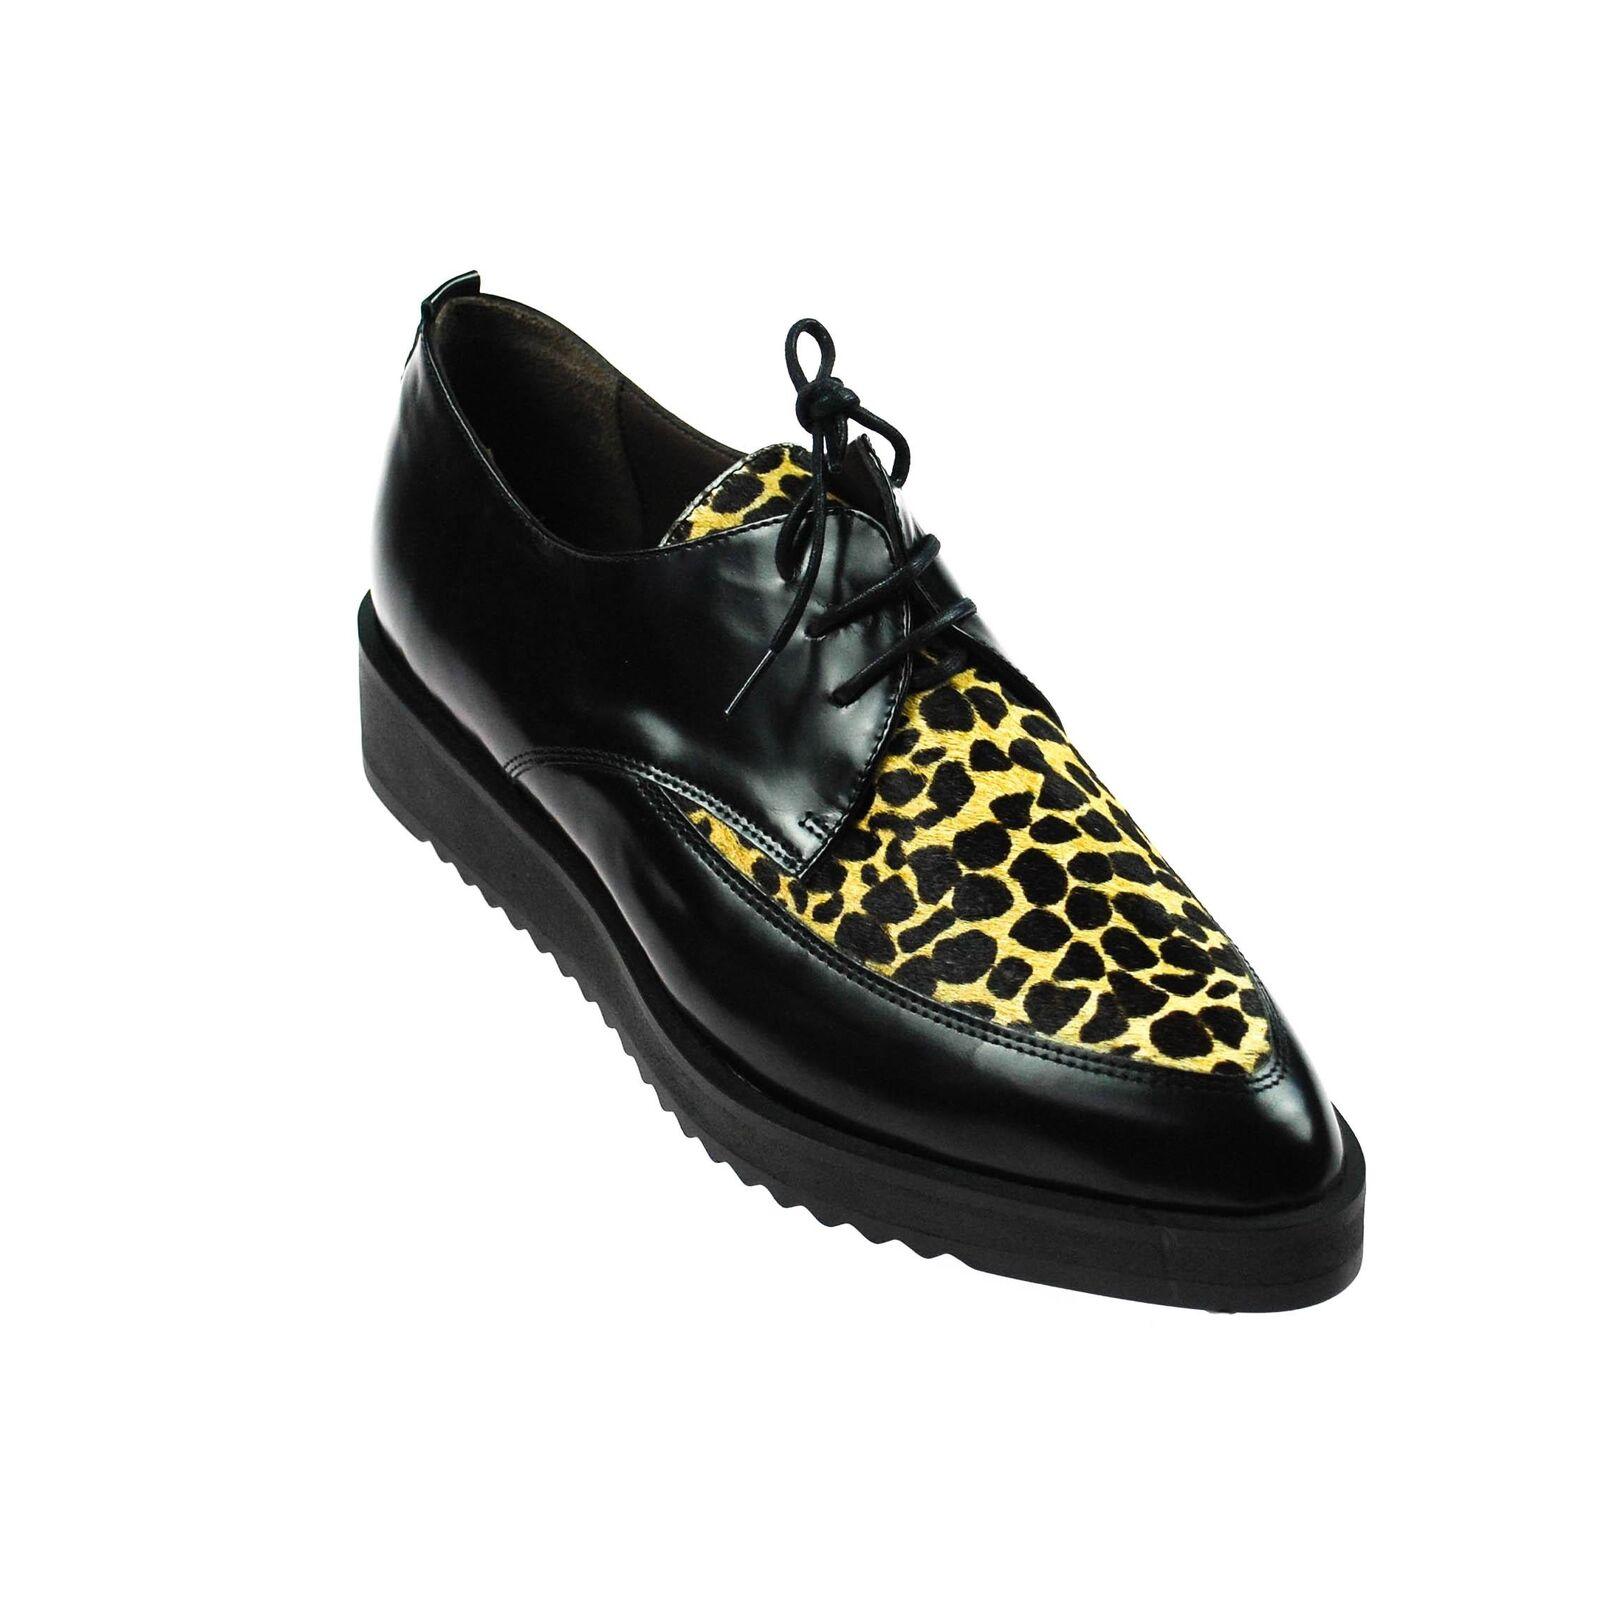 Perlato leopardo señora semi zapato cuero negro con patrones leopardo Perlato 834257